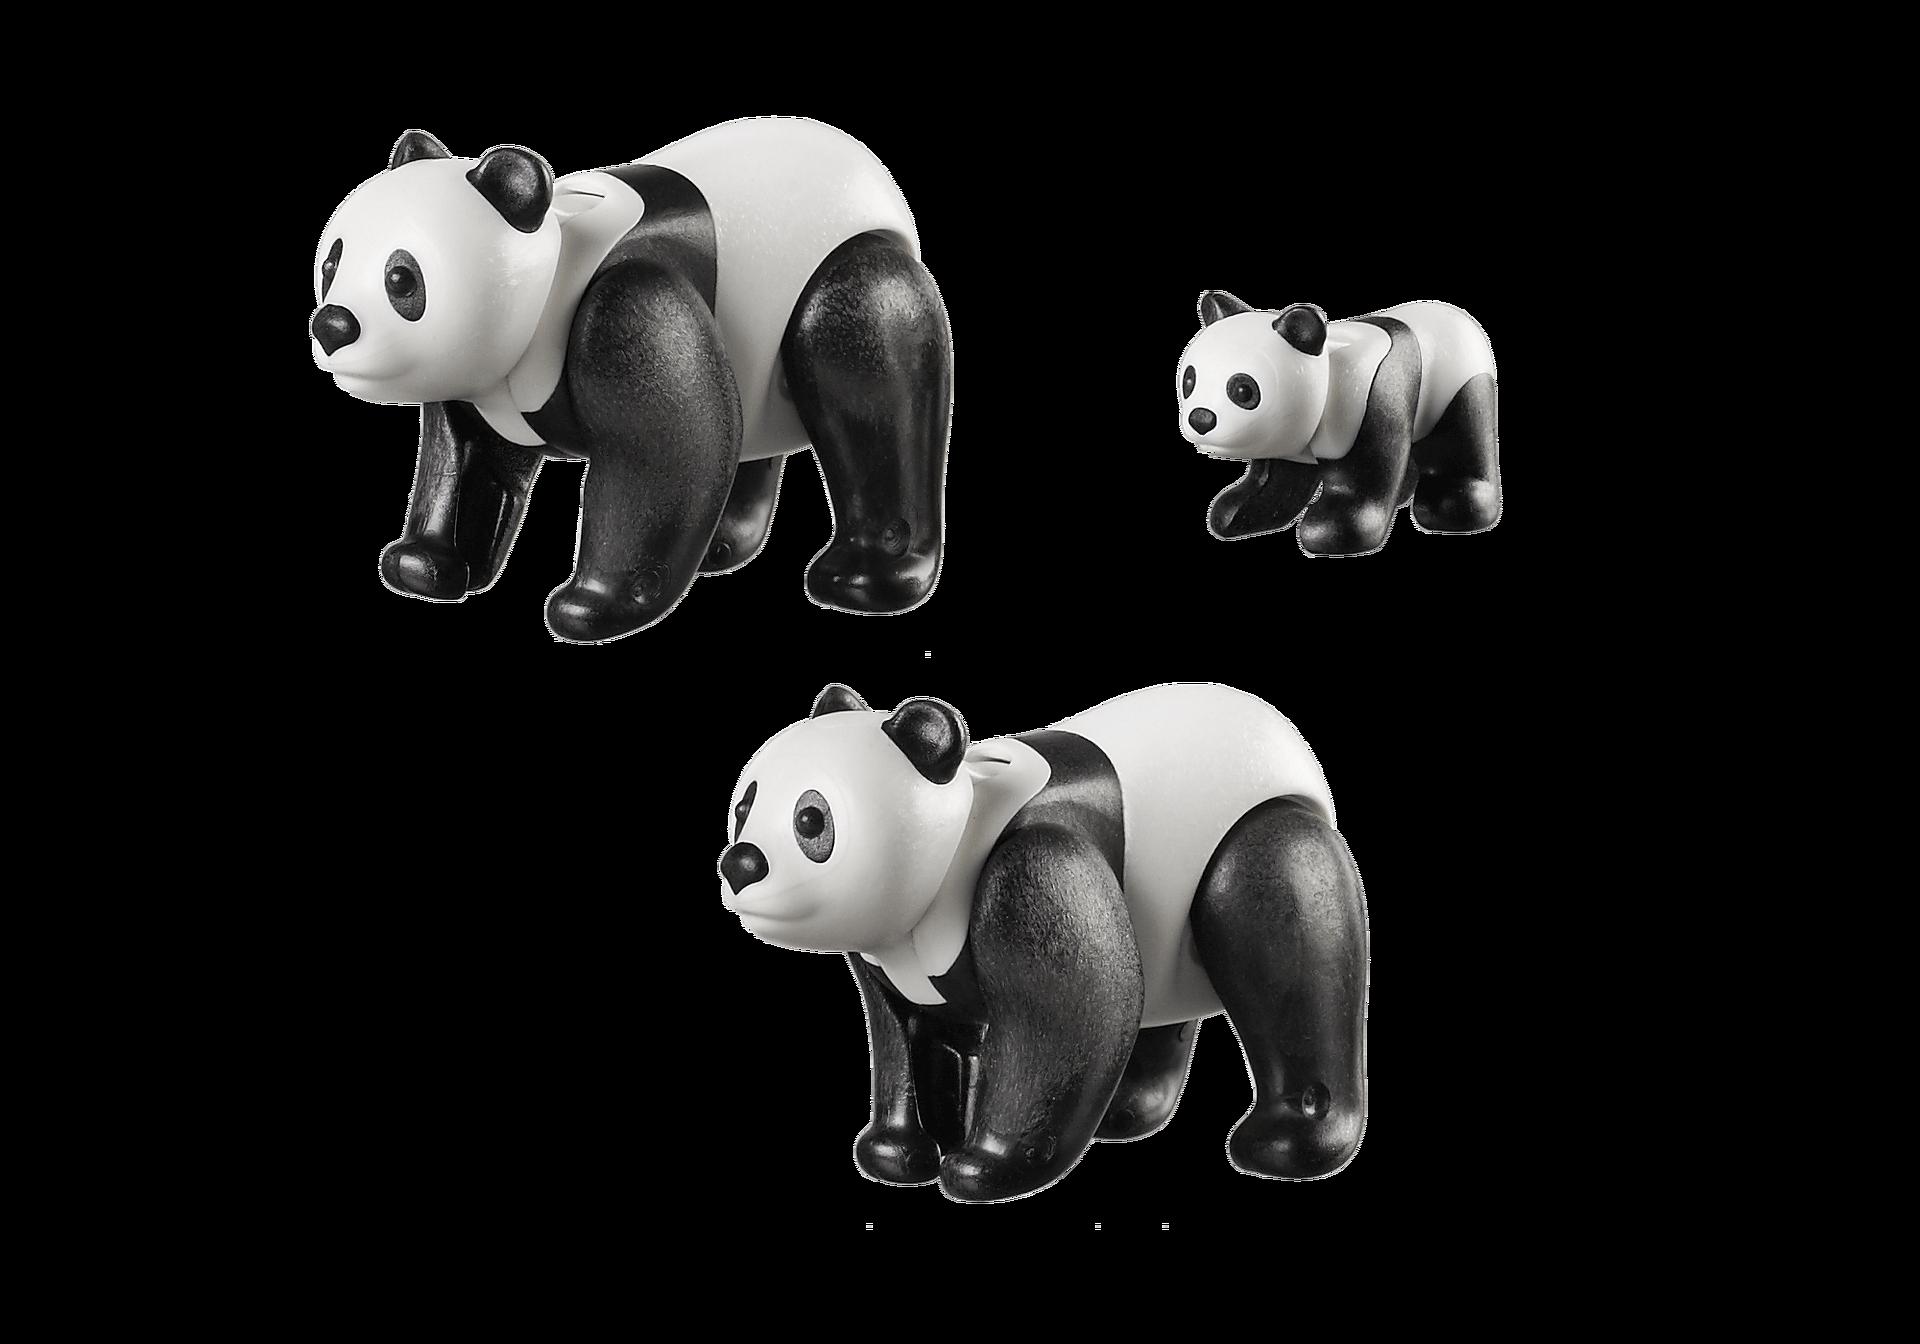 70353 2 pandabjørne med baby zoom image3